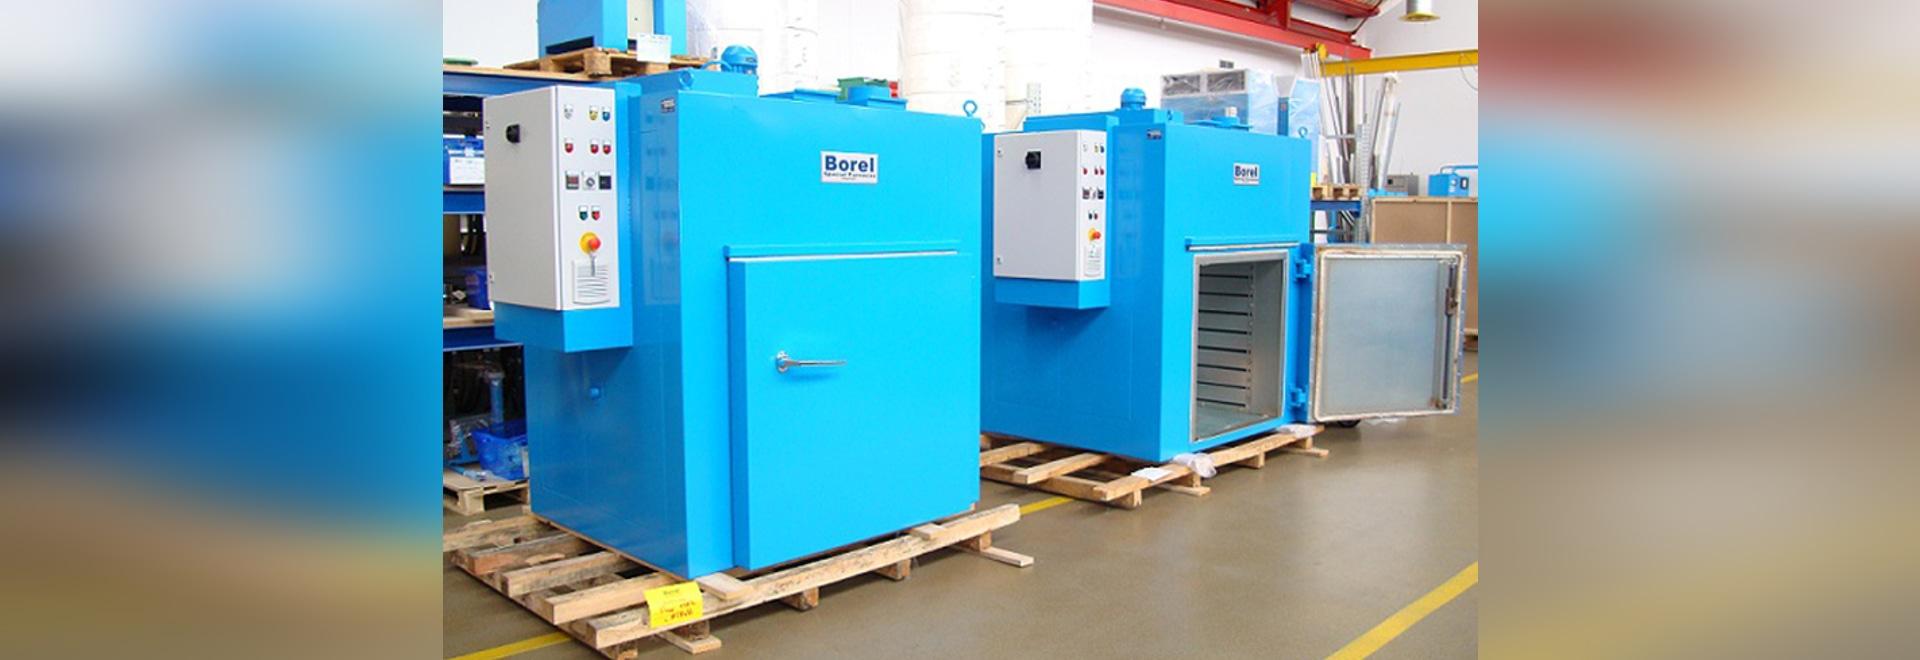 Etuves industrielles ventilées BOREL Swiss, 1000 litres, 350°C, pilotage centralisé, industrie textiles synthétiques Benelux